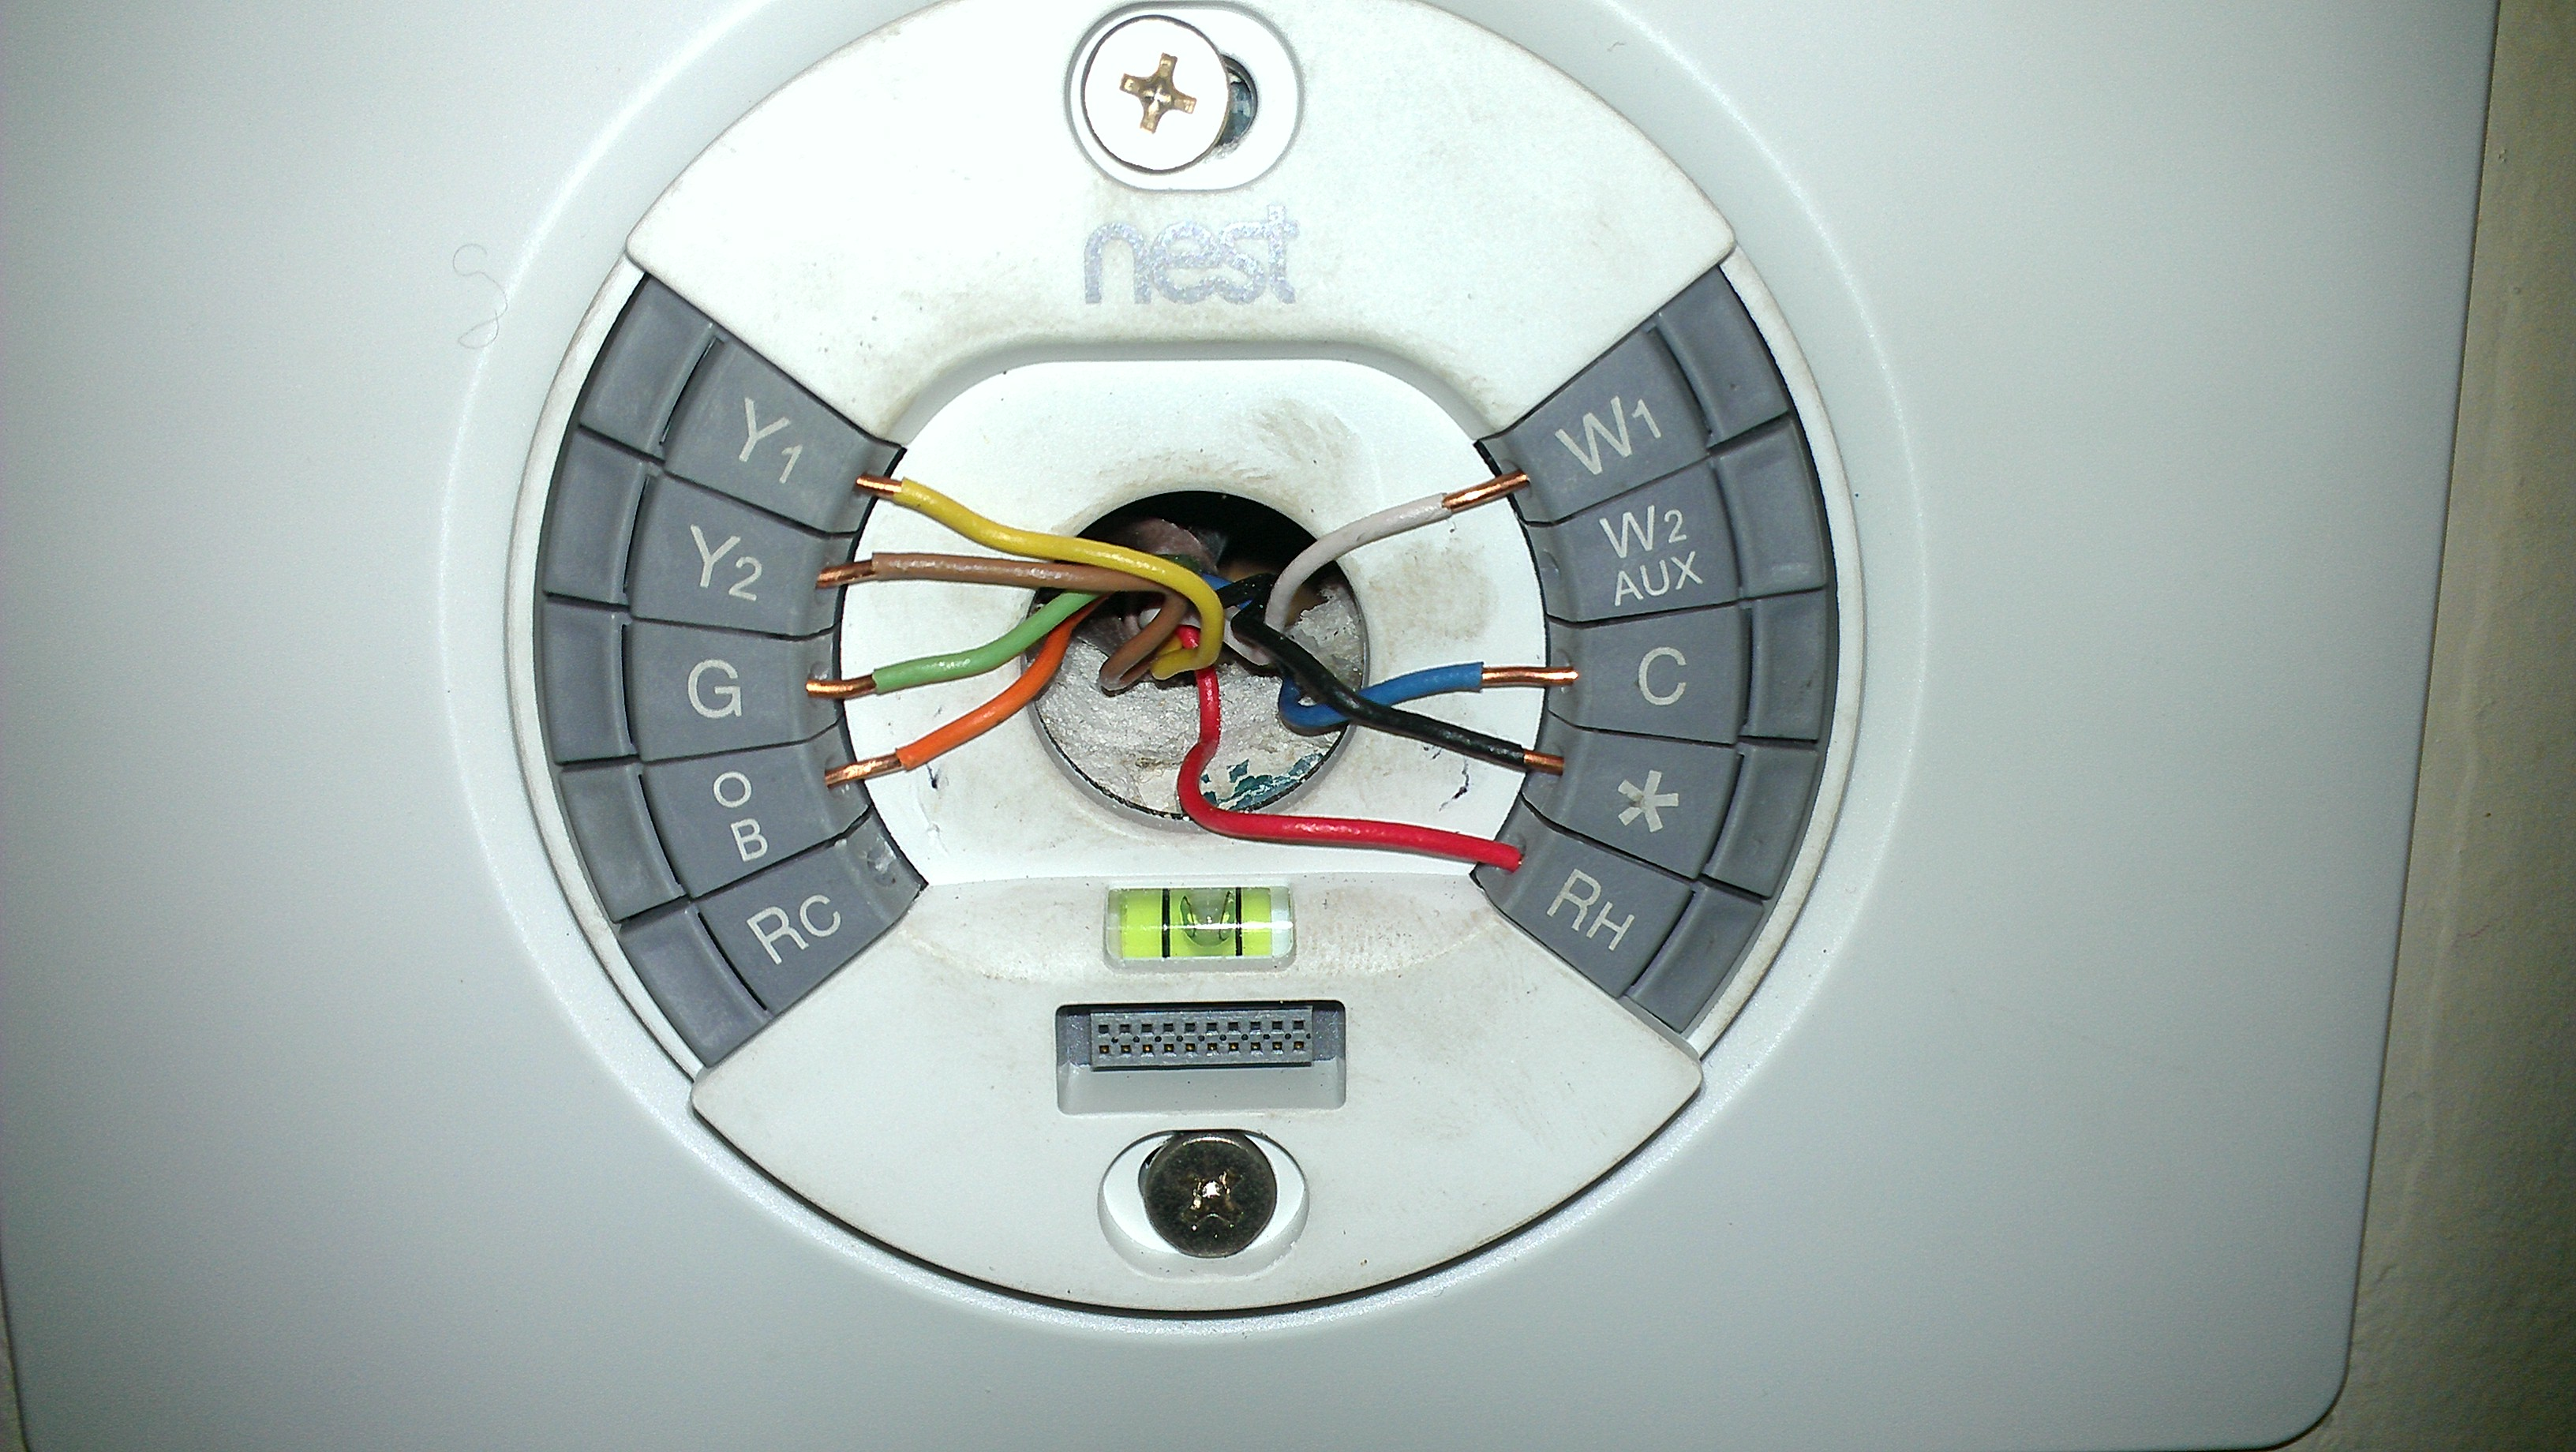 Nest Heat Pump Wiring Diagram